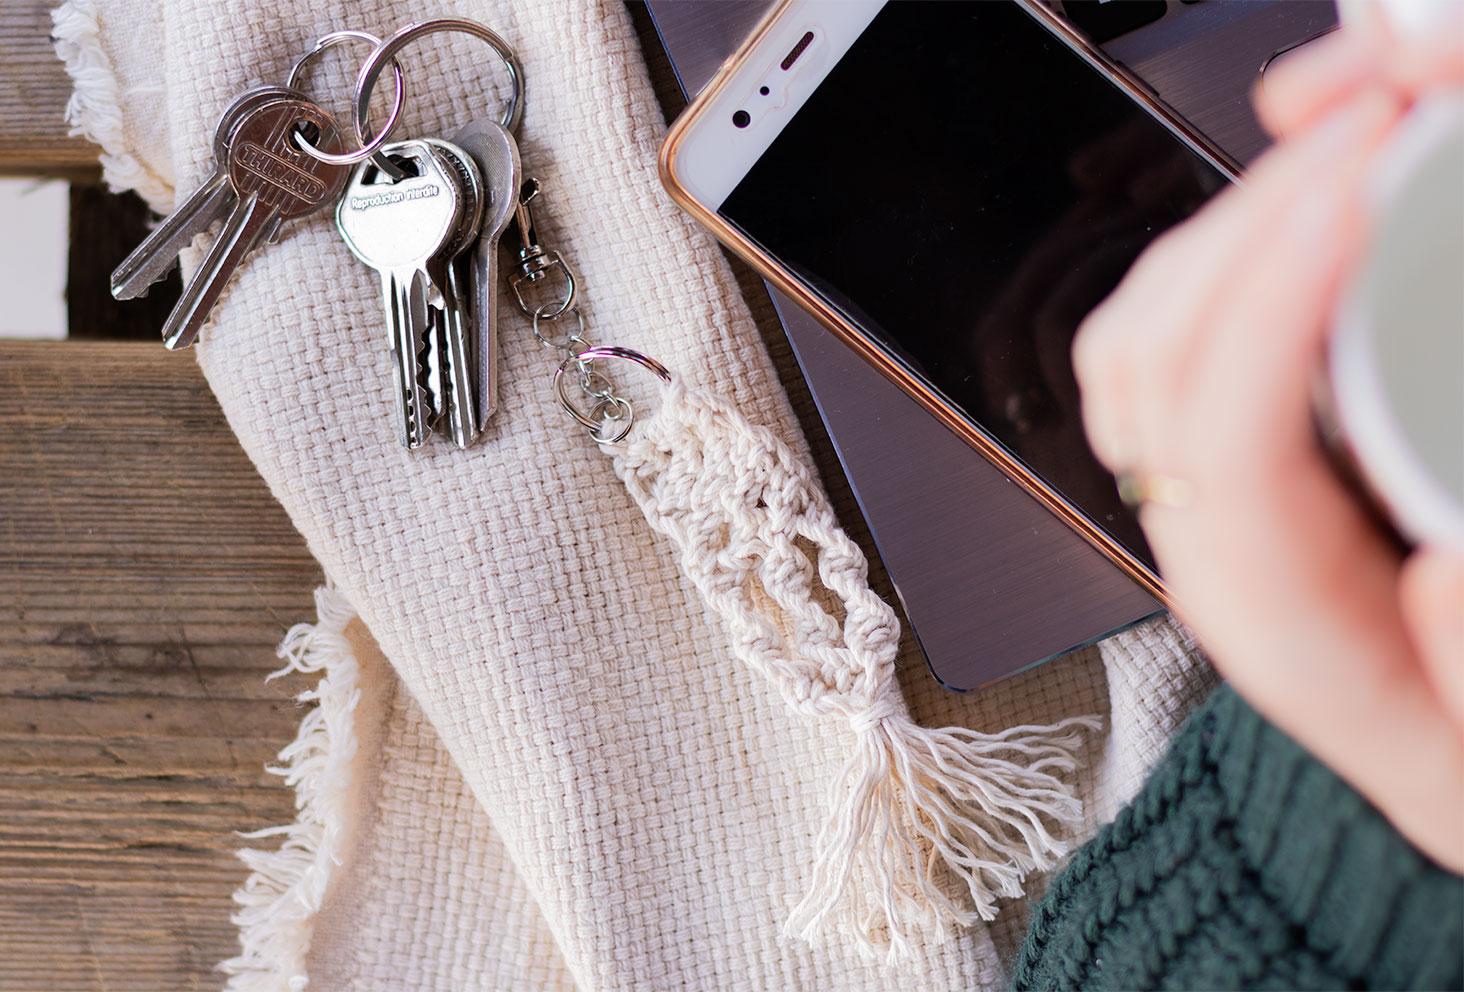 Zoom de haut sur le porte-clés macramé, accroché aux clés posé sur un plaid à côté d'un téléphone portable